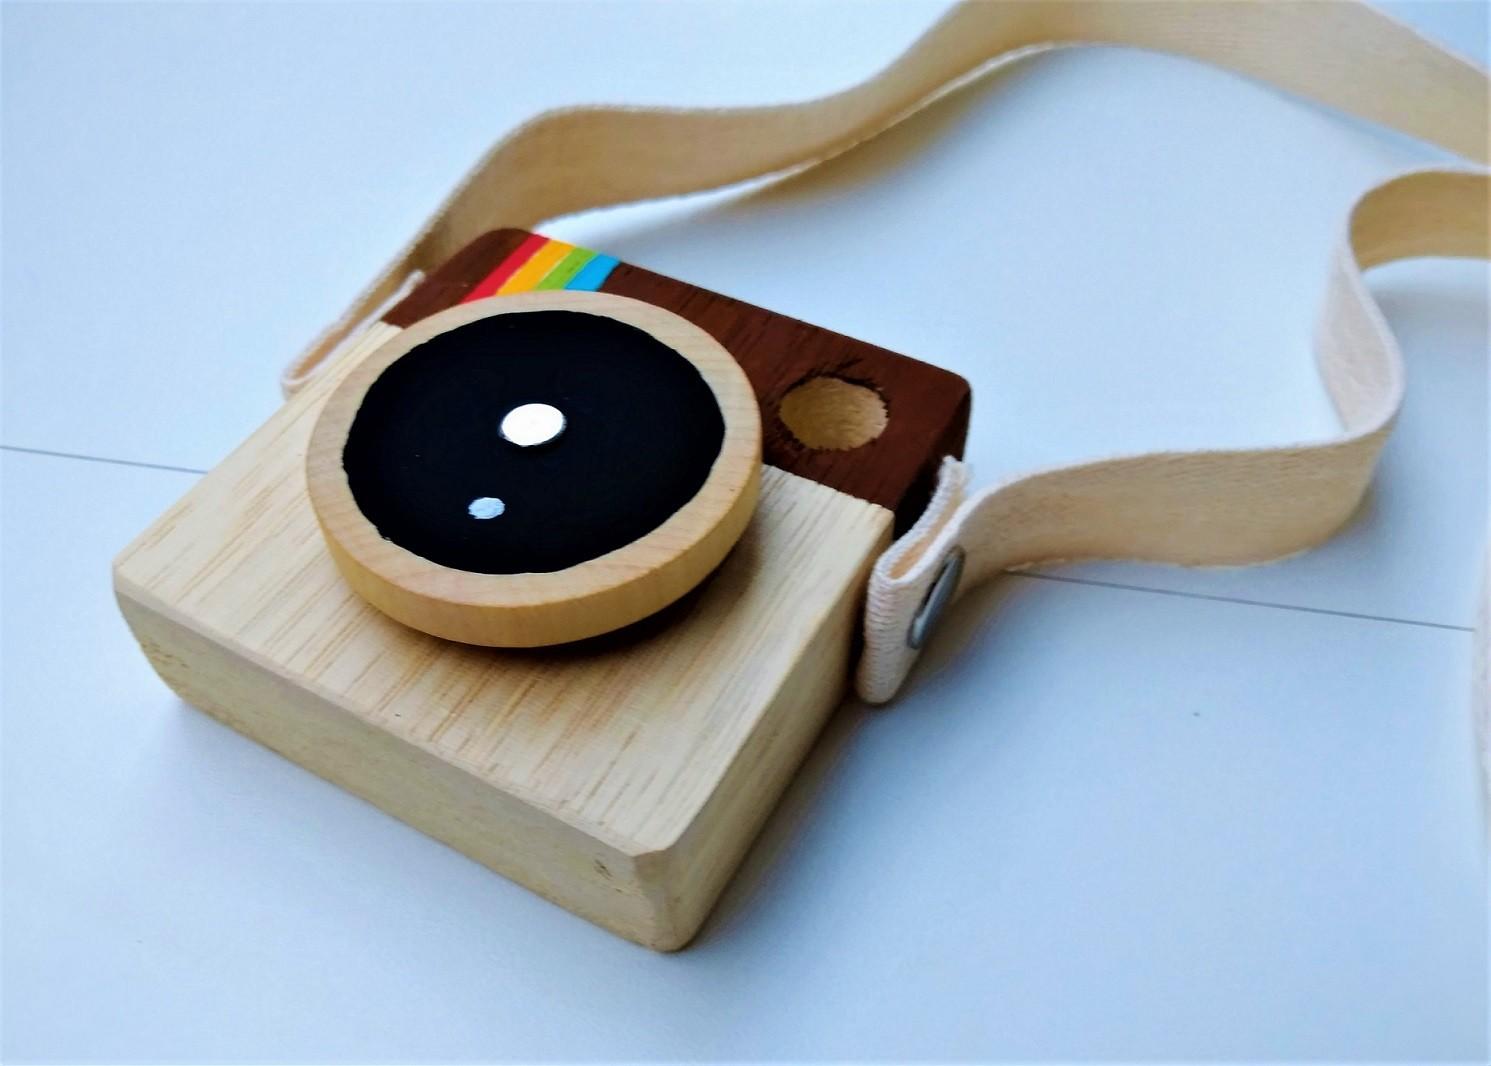 Brinquedo de madeira - Minicâmera CuteCam Instantan, da Cute Cubes - Cód. CC002